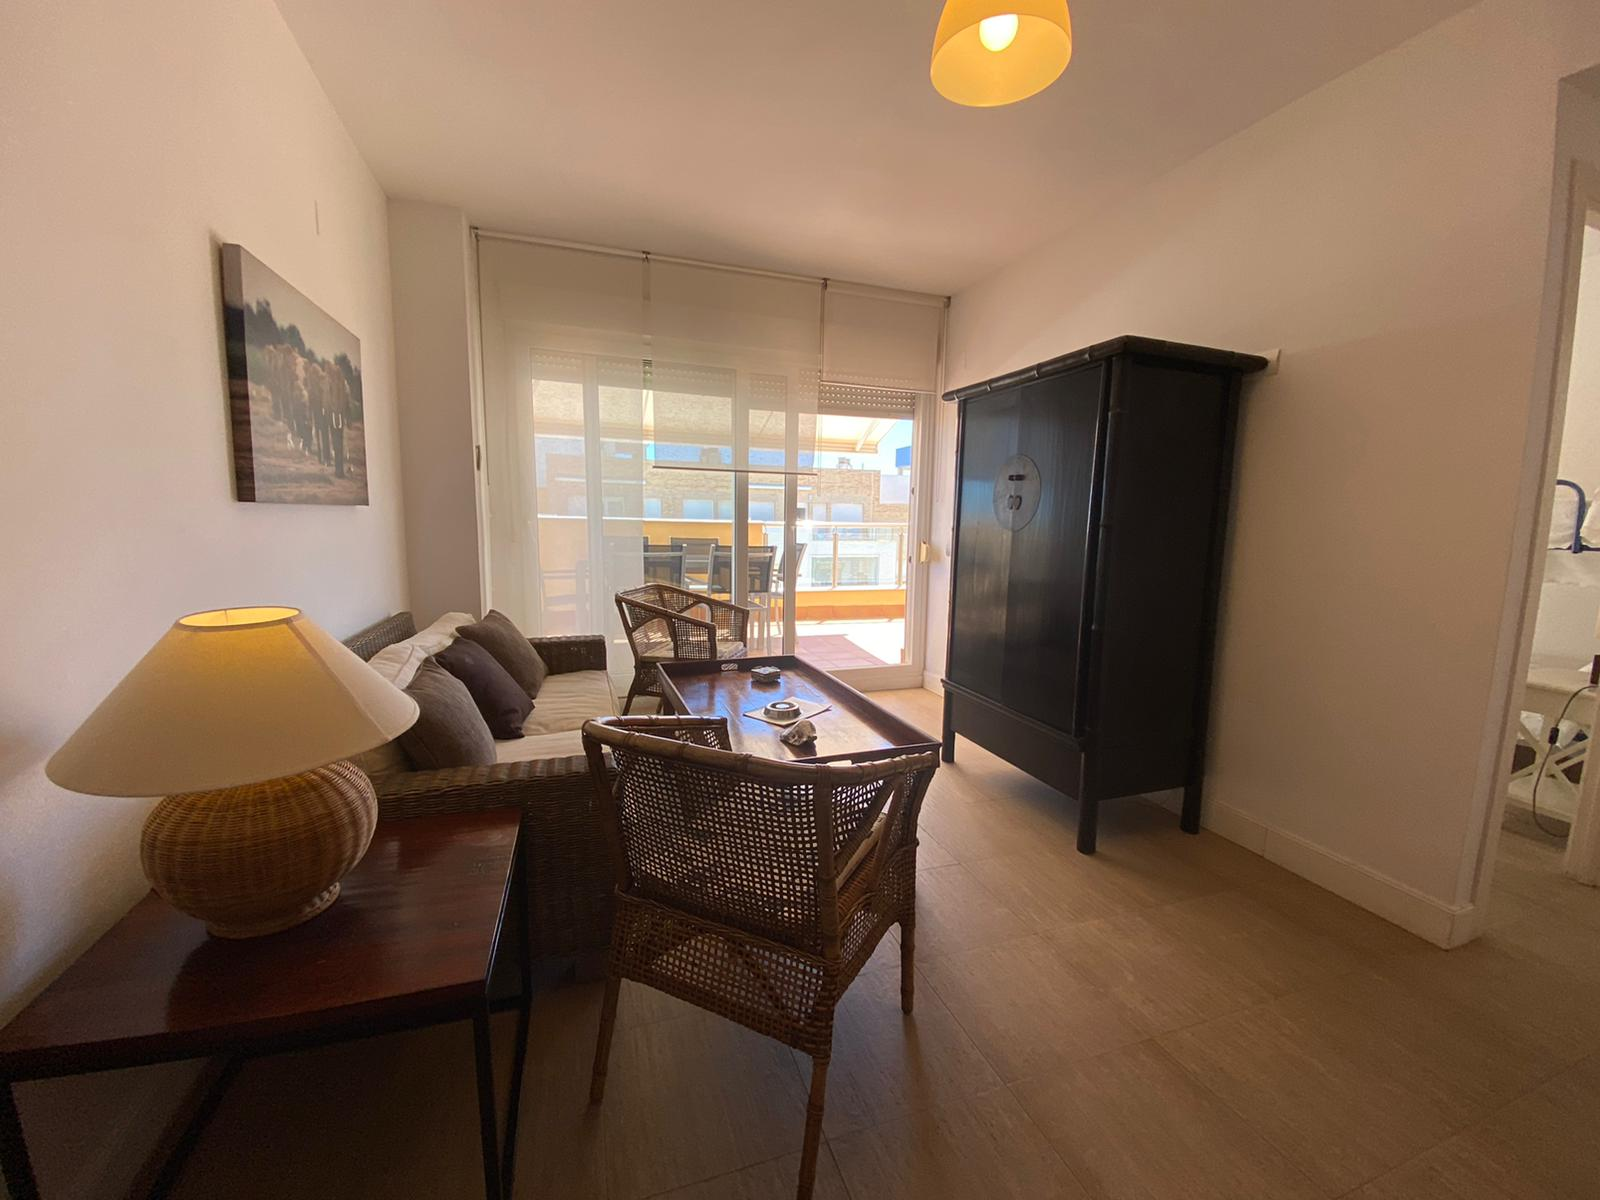 Imagen 16 del Apartamento Turístico, Ático 7 Poniente (3d+2b), Punta del Moral (HUELVA), Paseo de la Cruz nº22